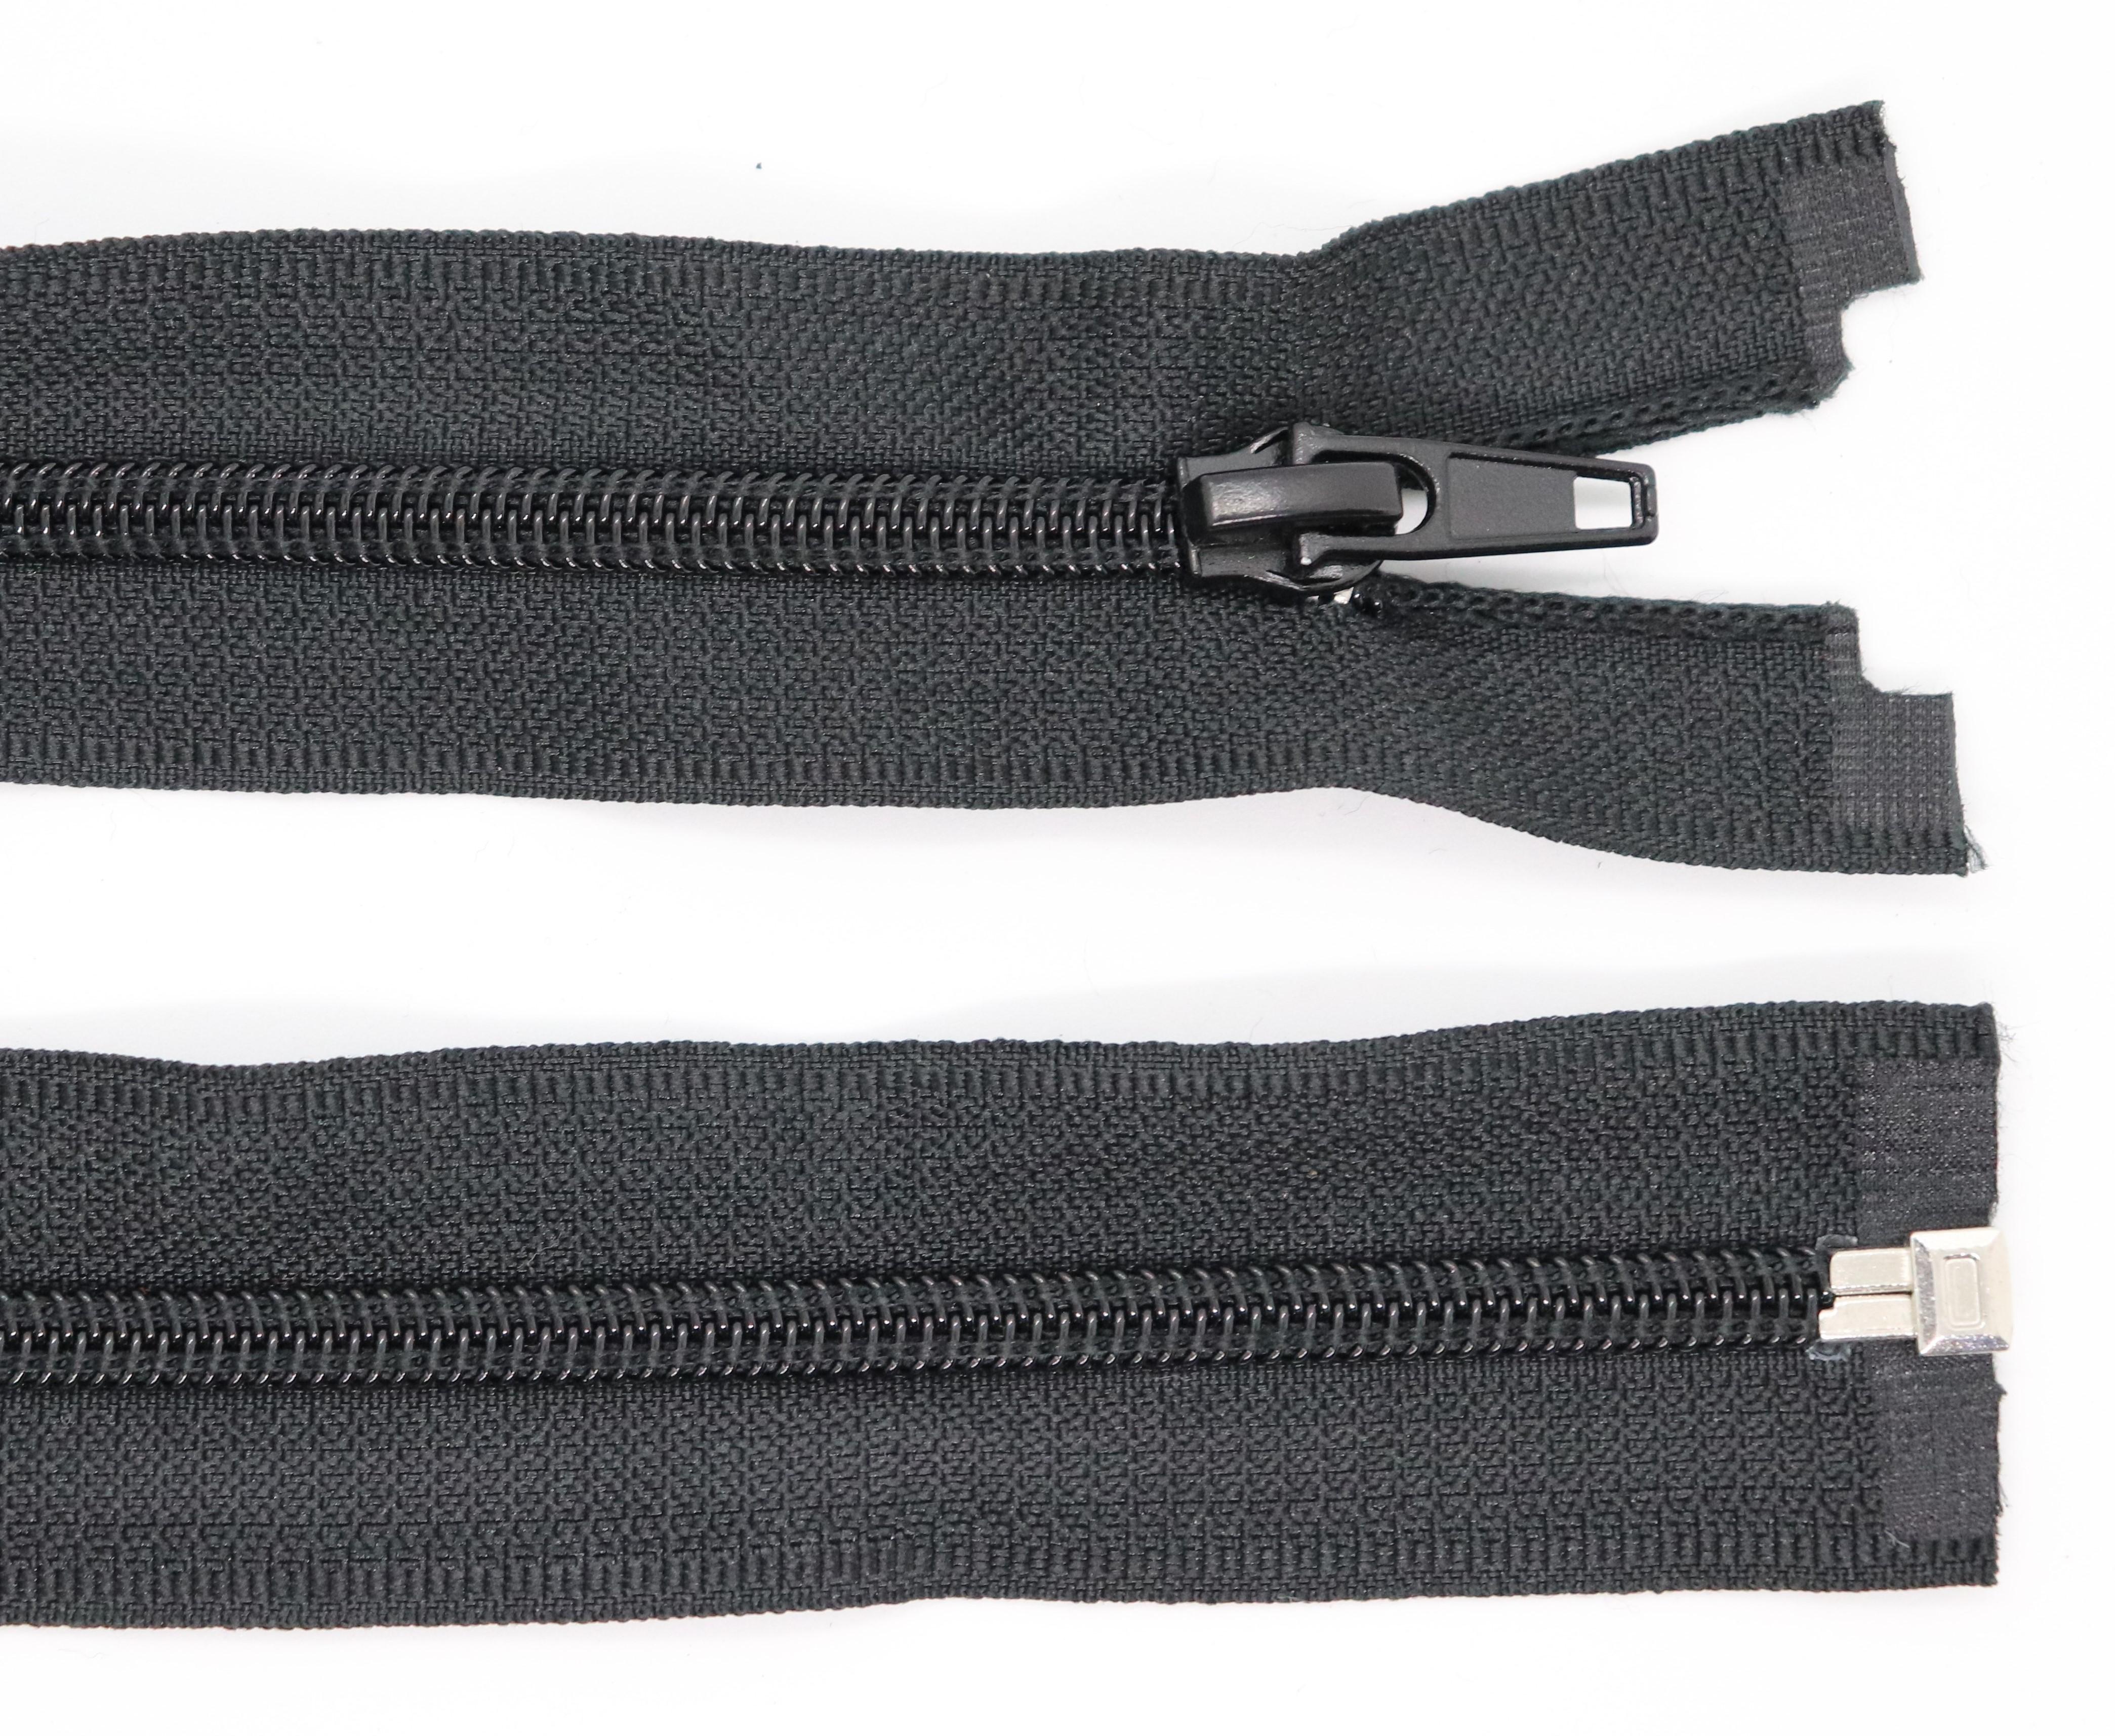 Spirálový zip šíøe 5 mm délka 50 cm dìlitelný - zvìtšit obrázek